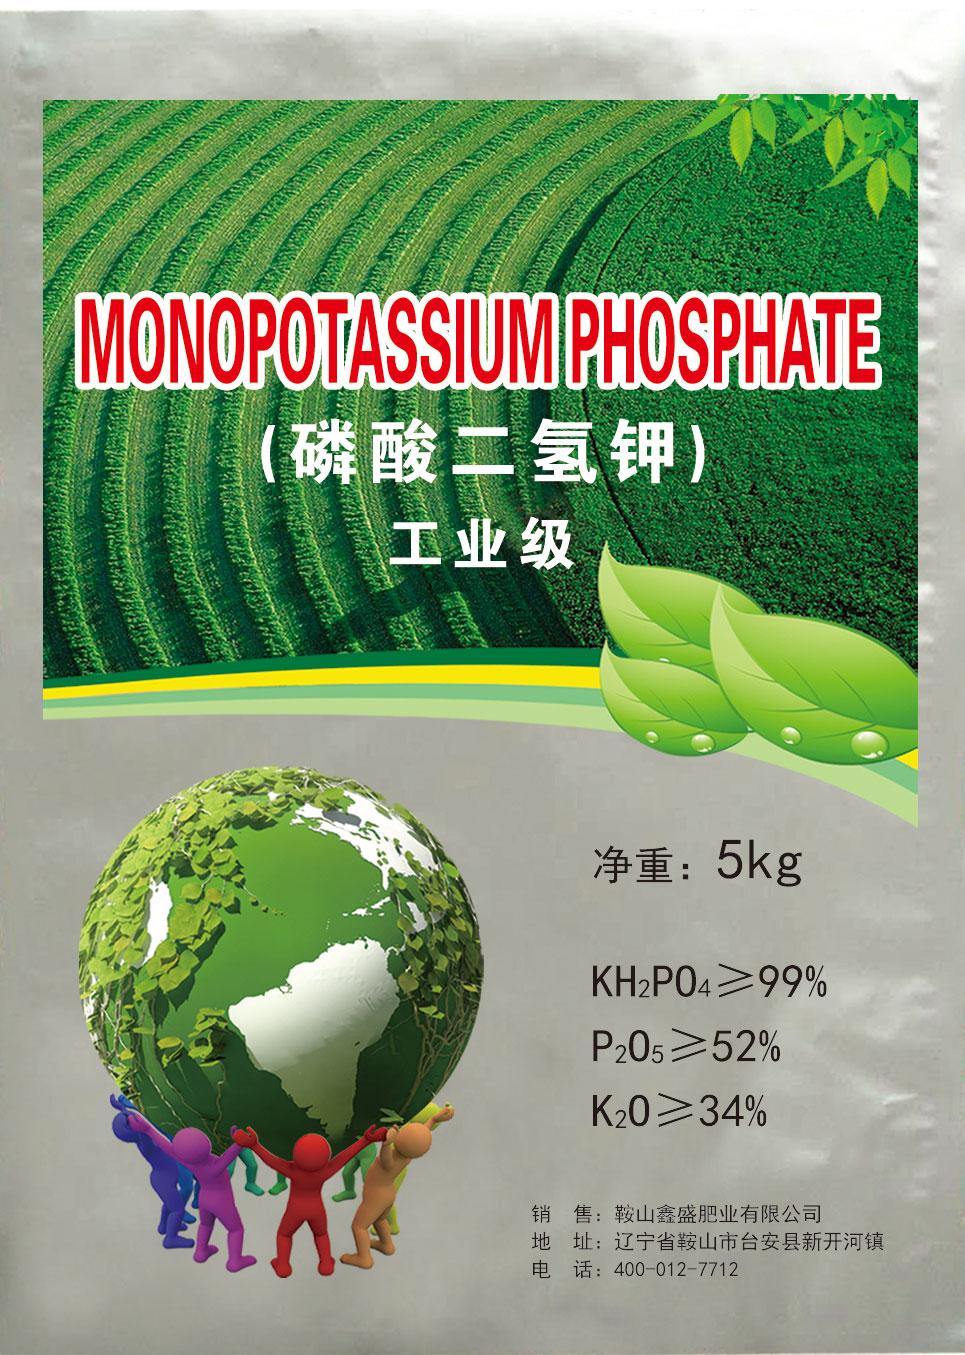 磷酸二氢钾